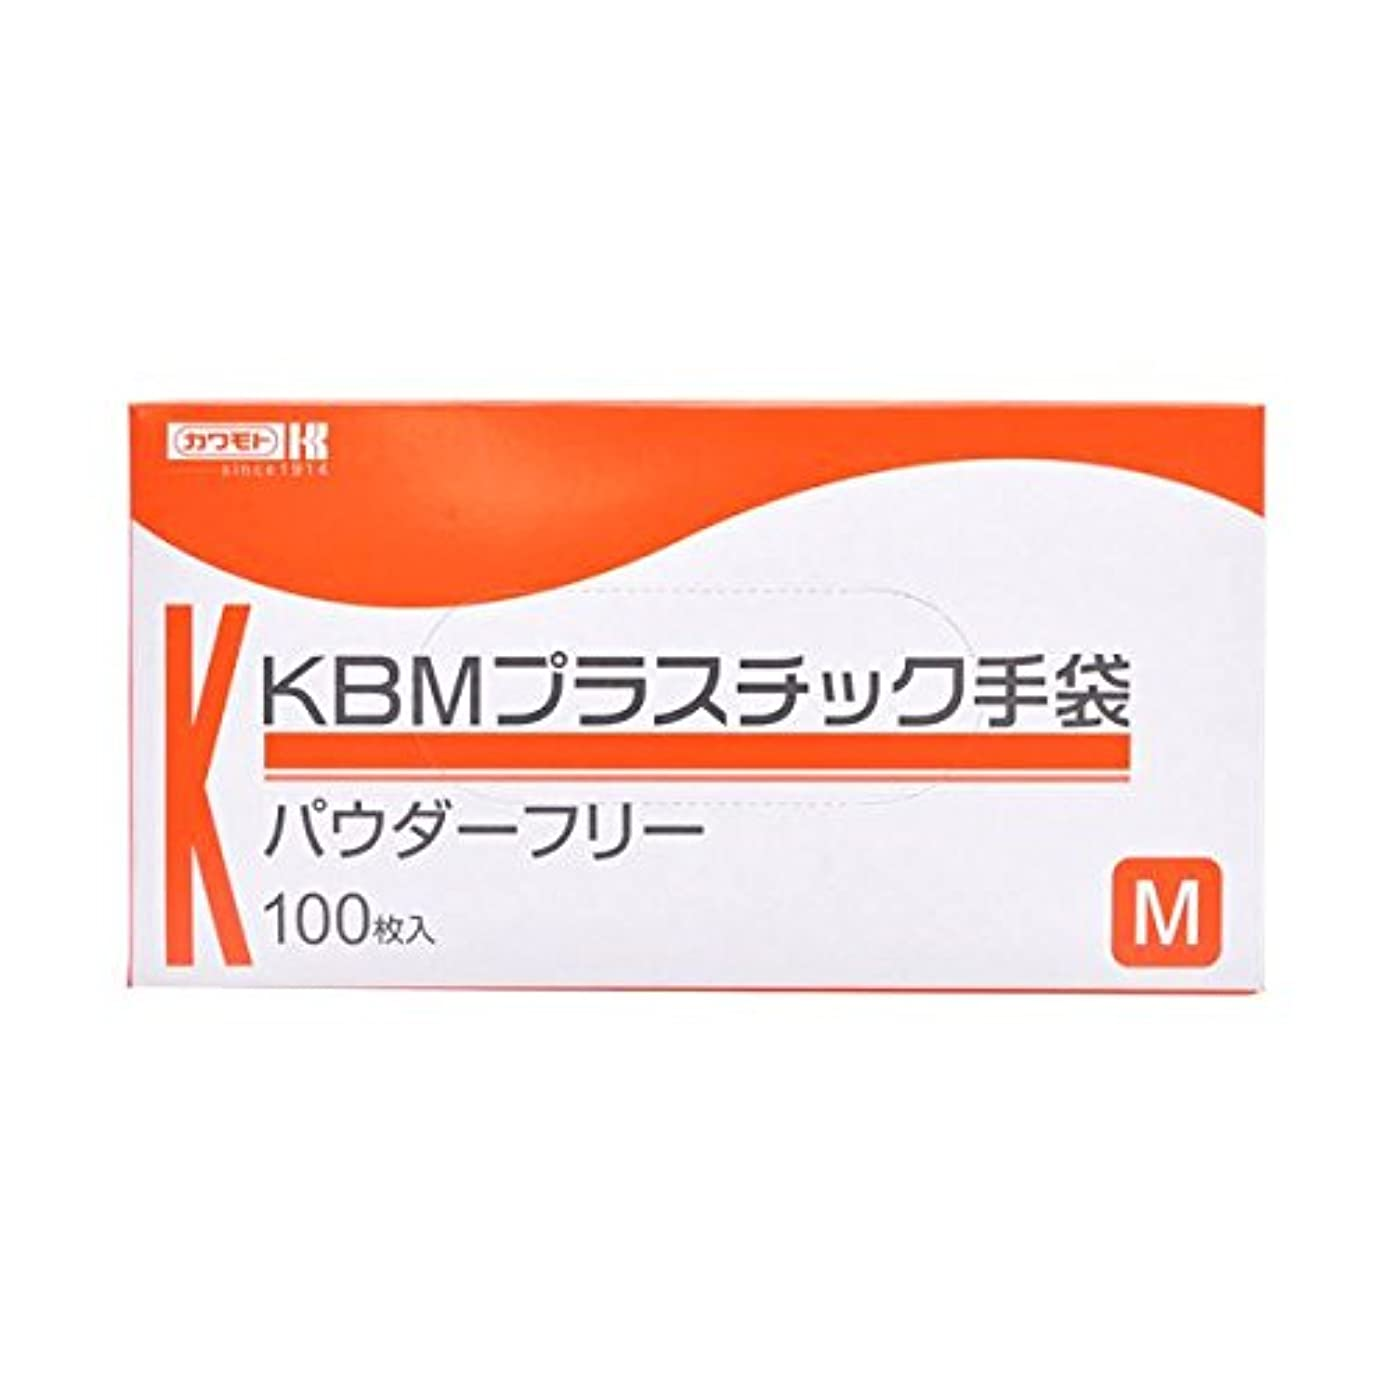 蒸気複製アクセル川本産業 KBMプラスチック手袋 パウダーフリー M 100枚入 ×3個